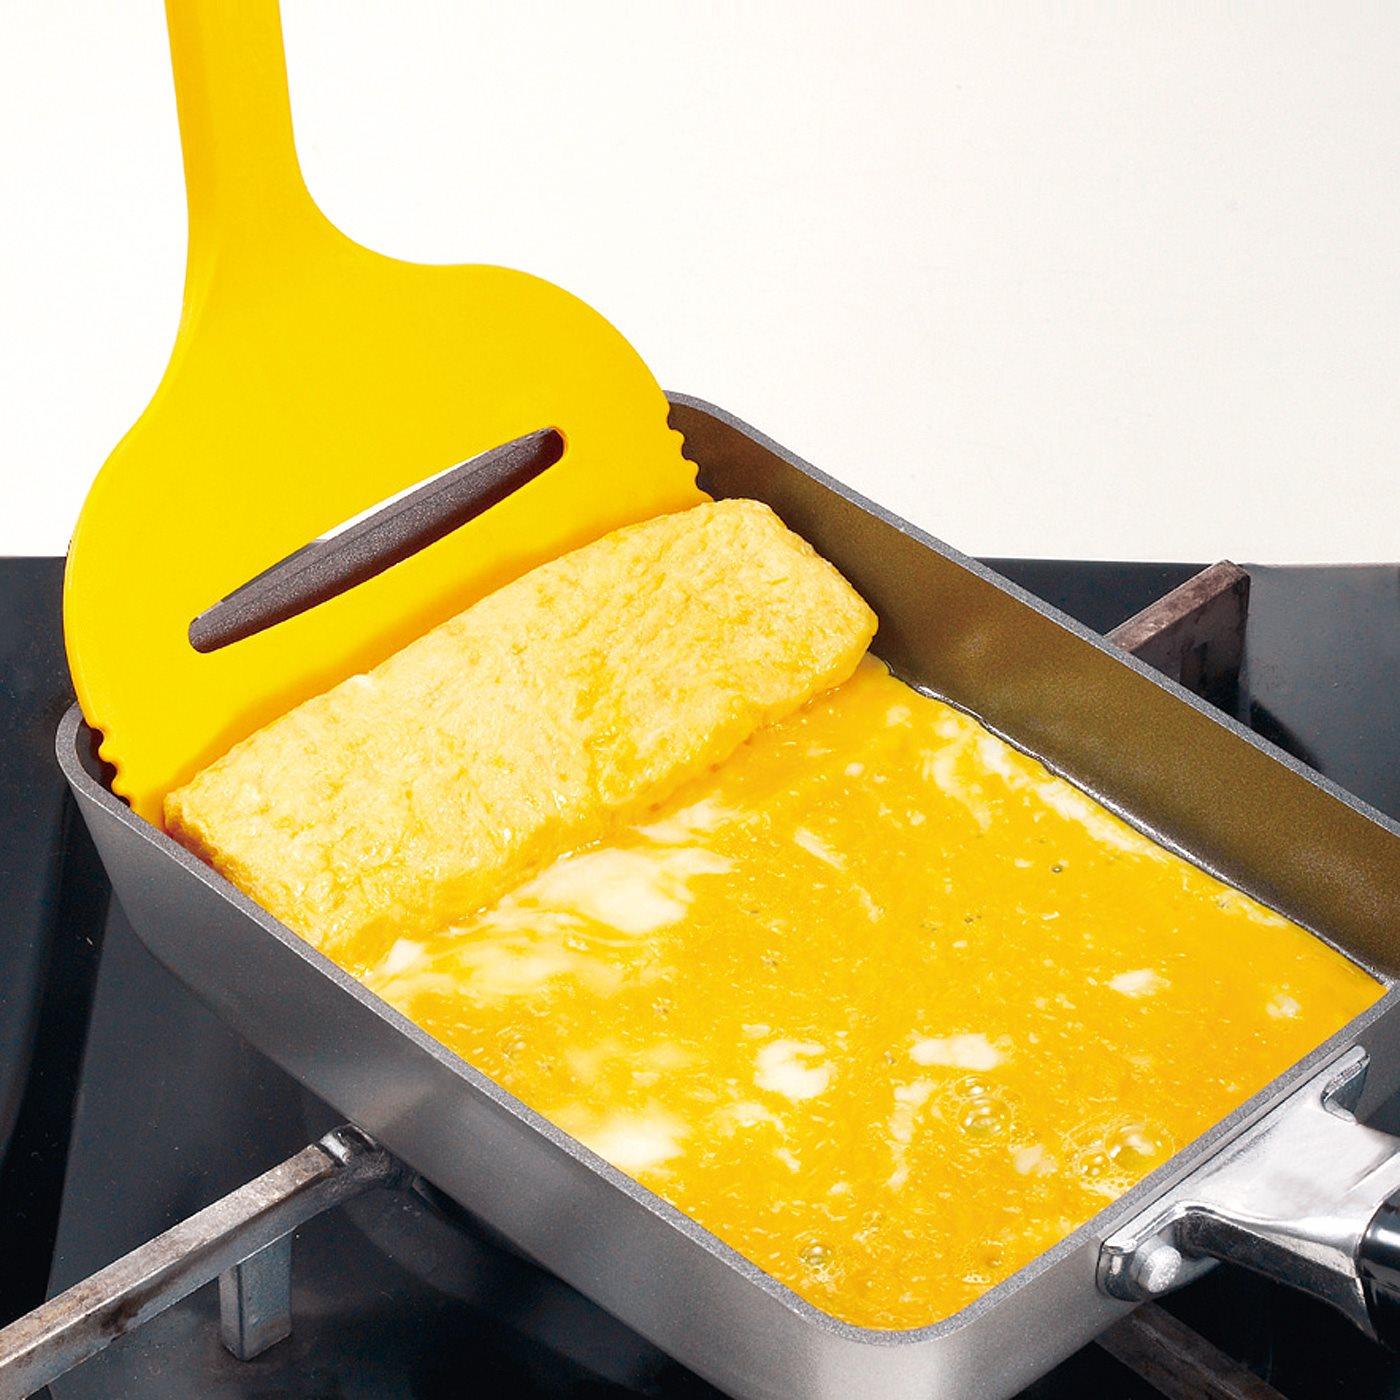 一般的な卵焼き器にぴったりの幅できれいに巻けます。